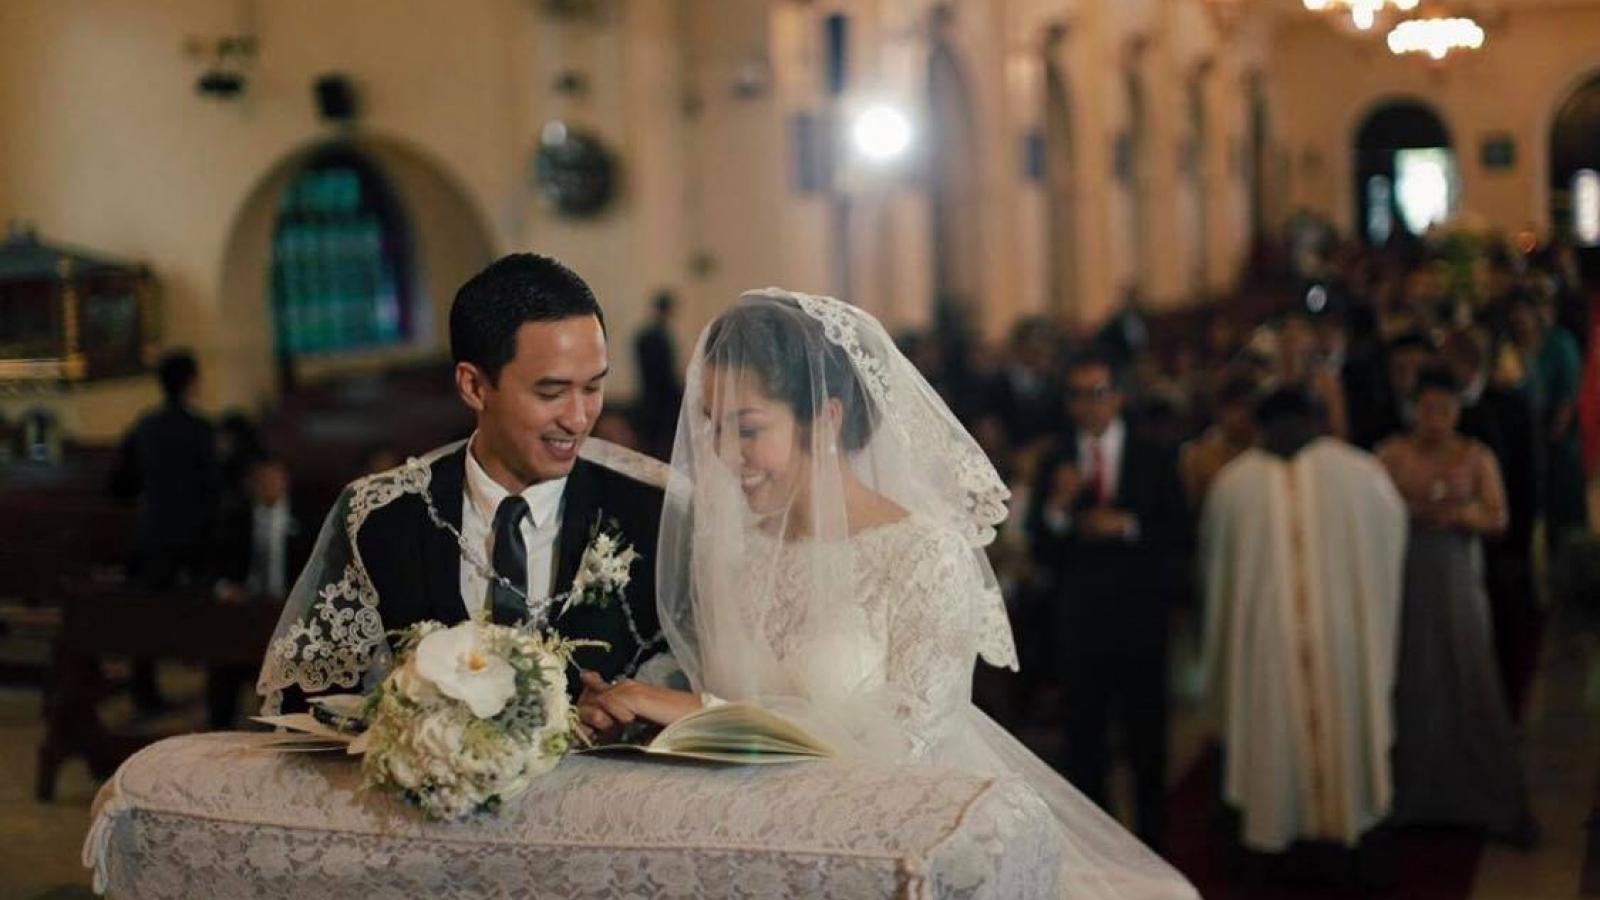 Tăng Thanh Hà đăng ảnh kỷ niệm 8 năm ngày cưới Louis Nguyễn